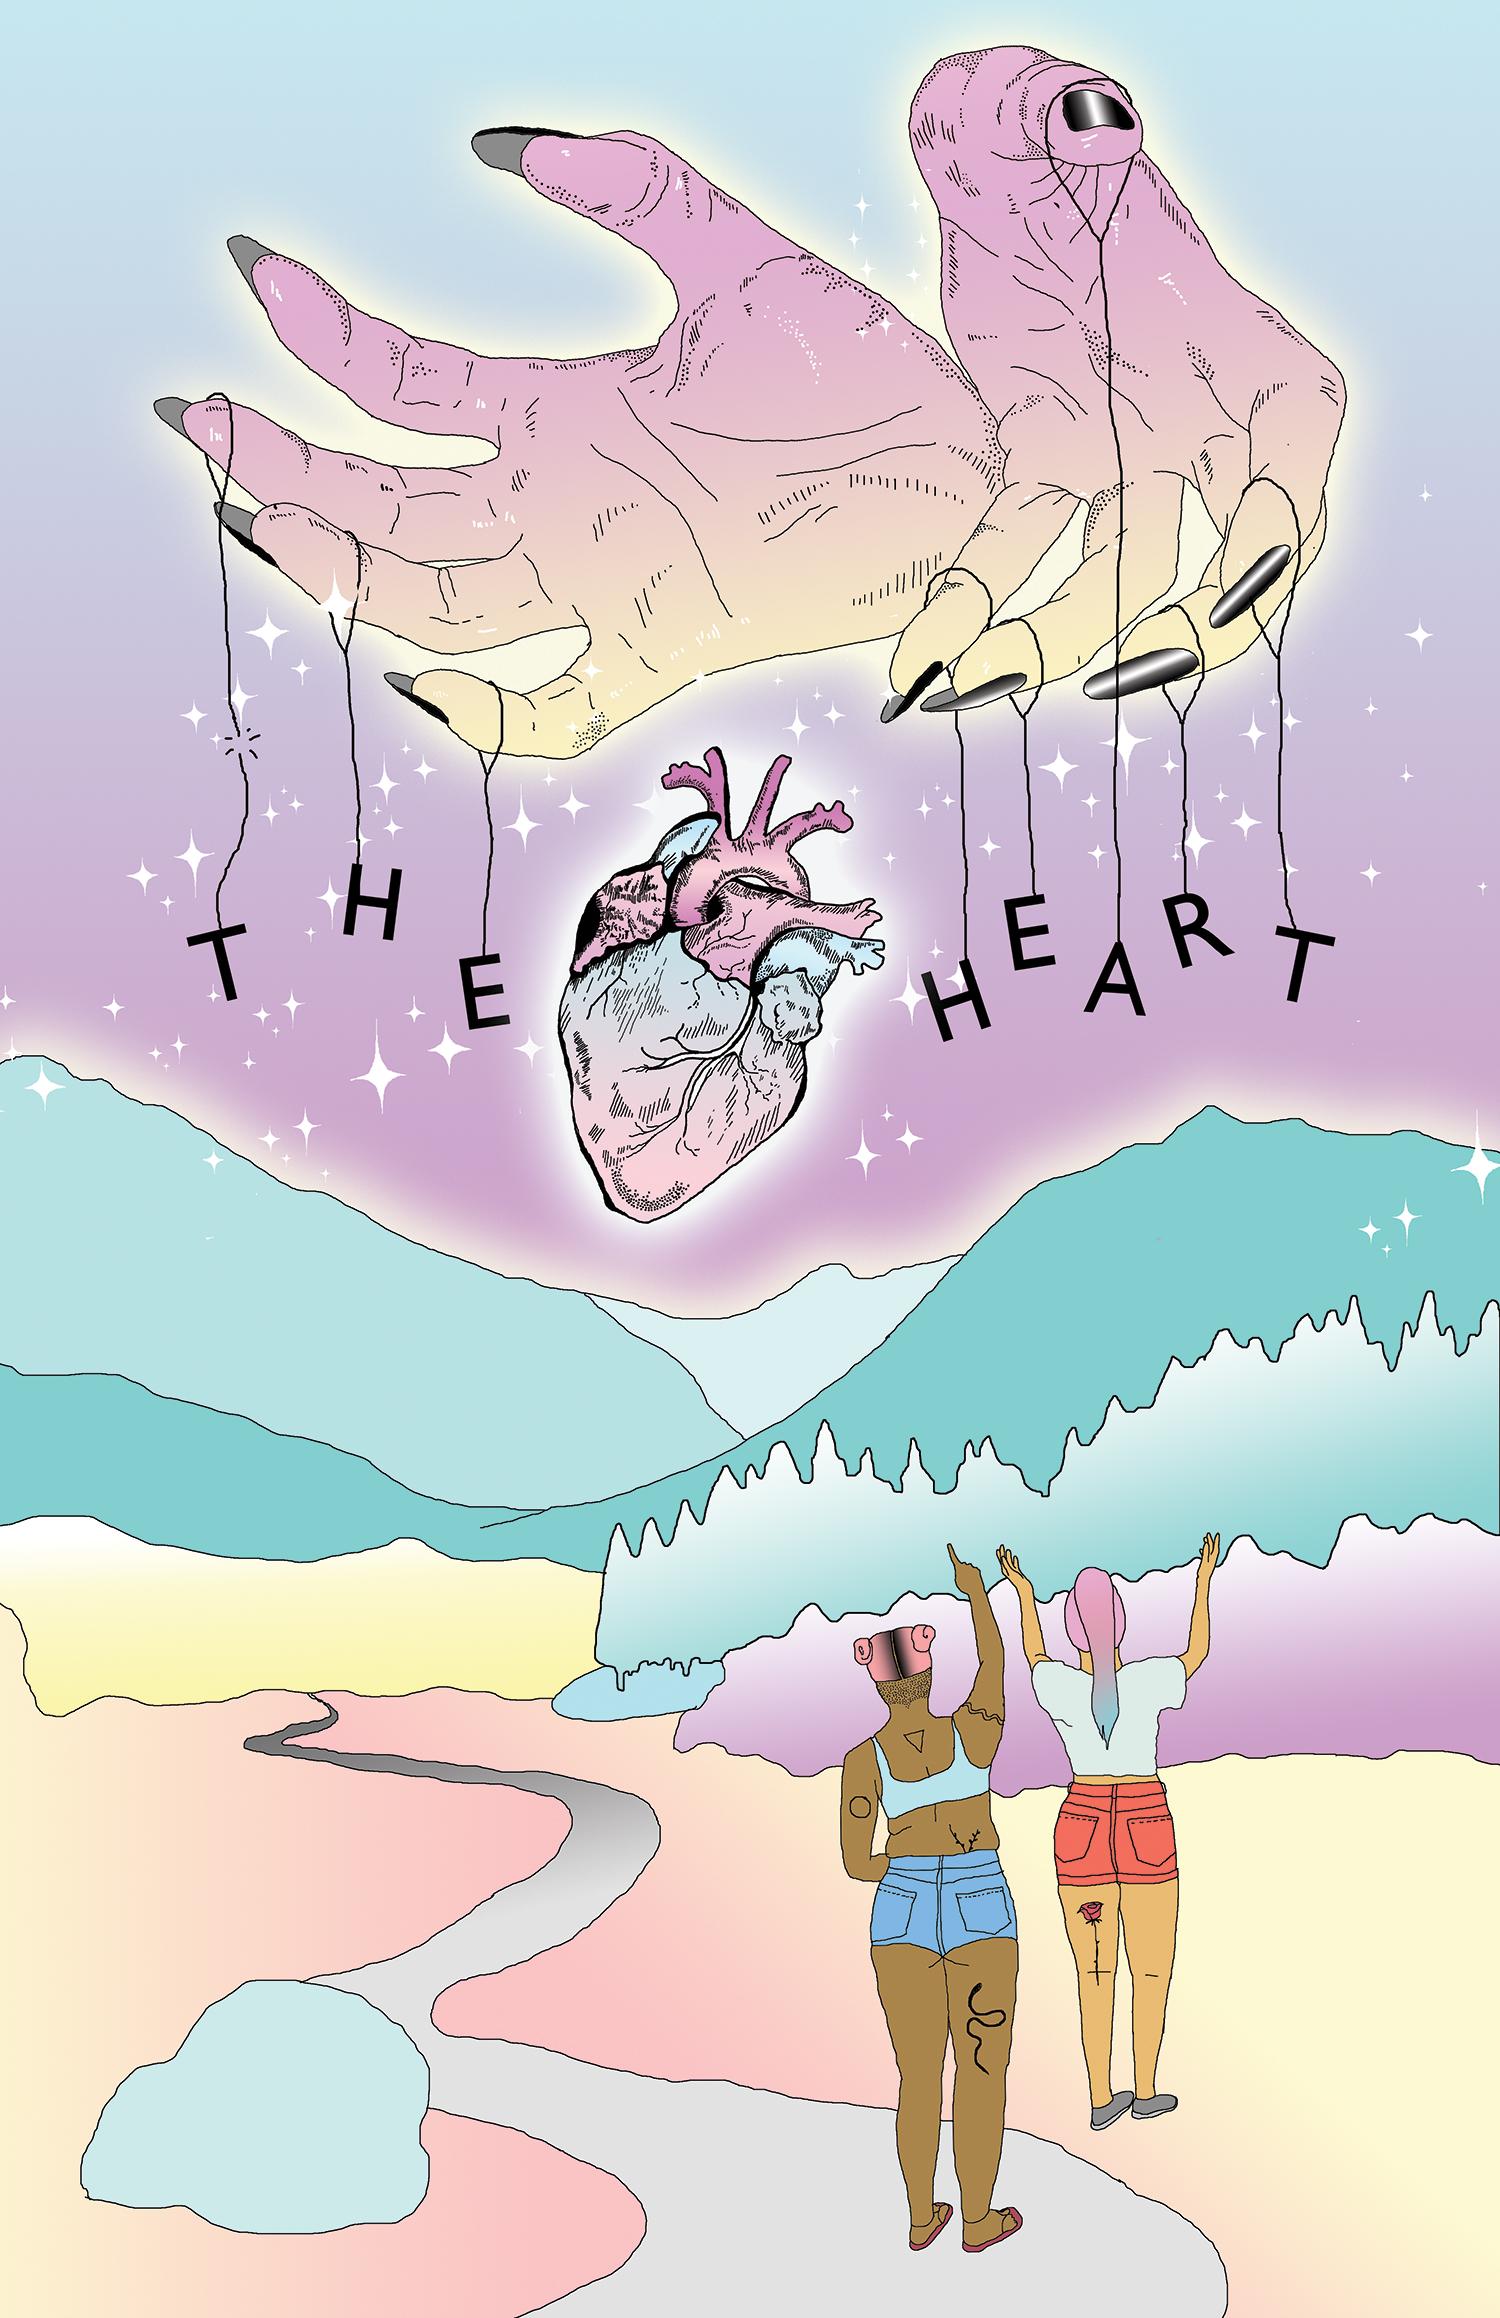 illustration for the heart.jpg